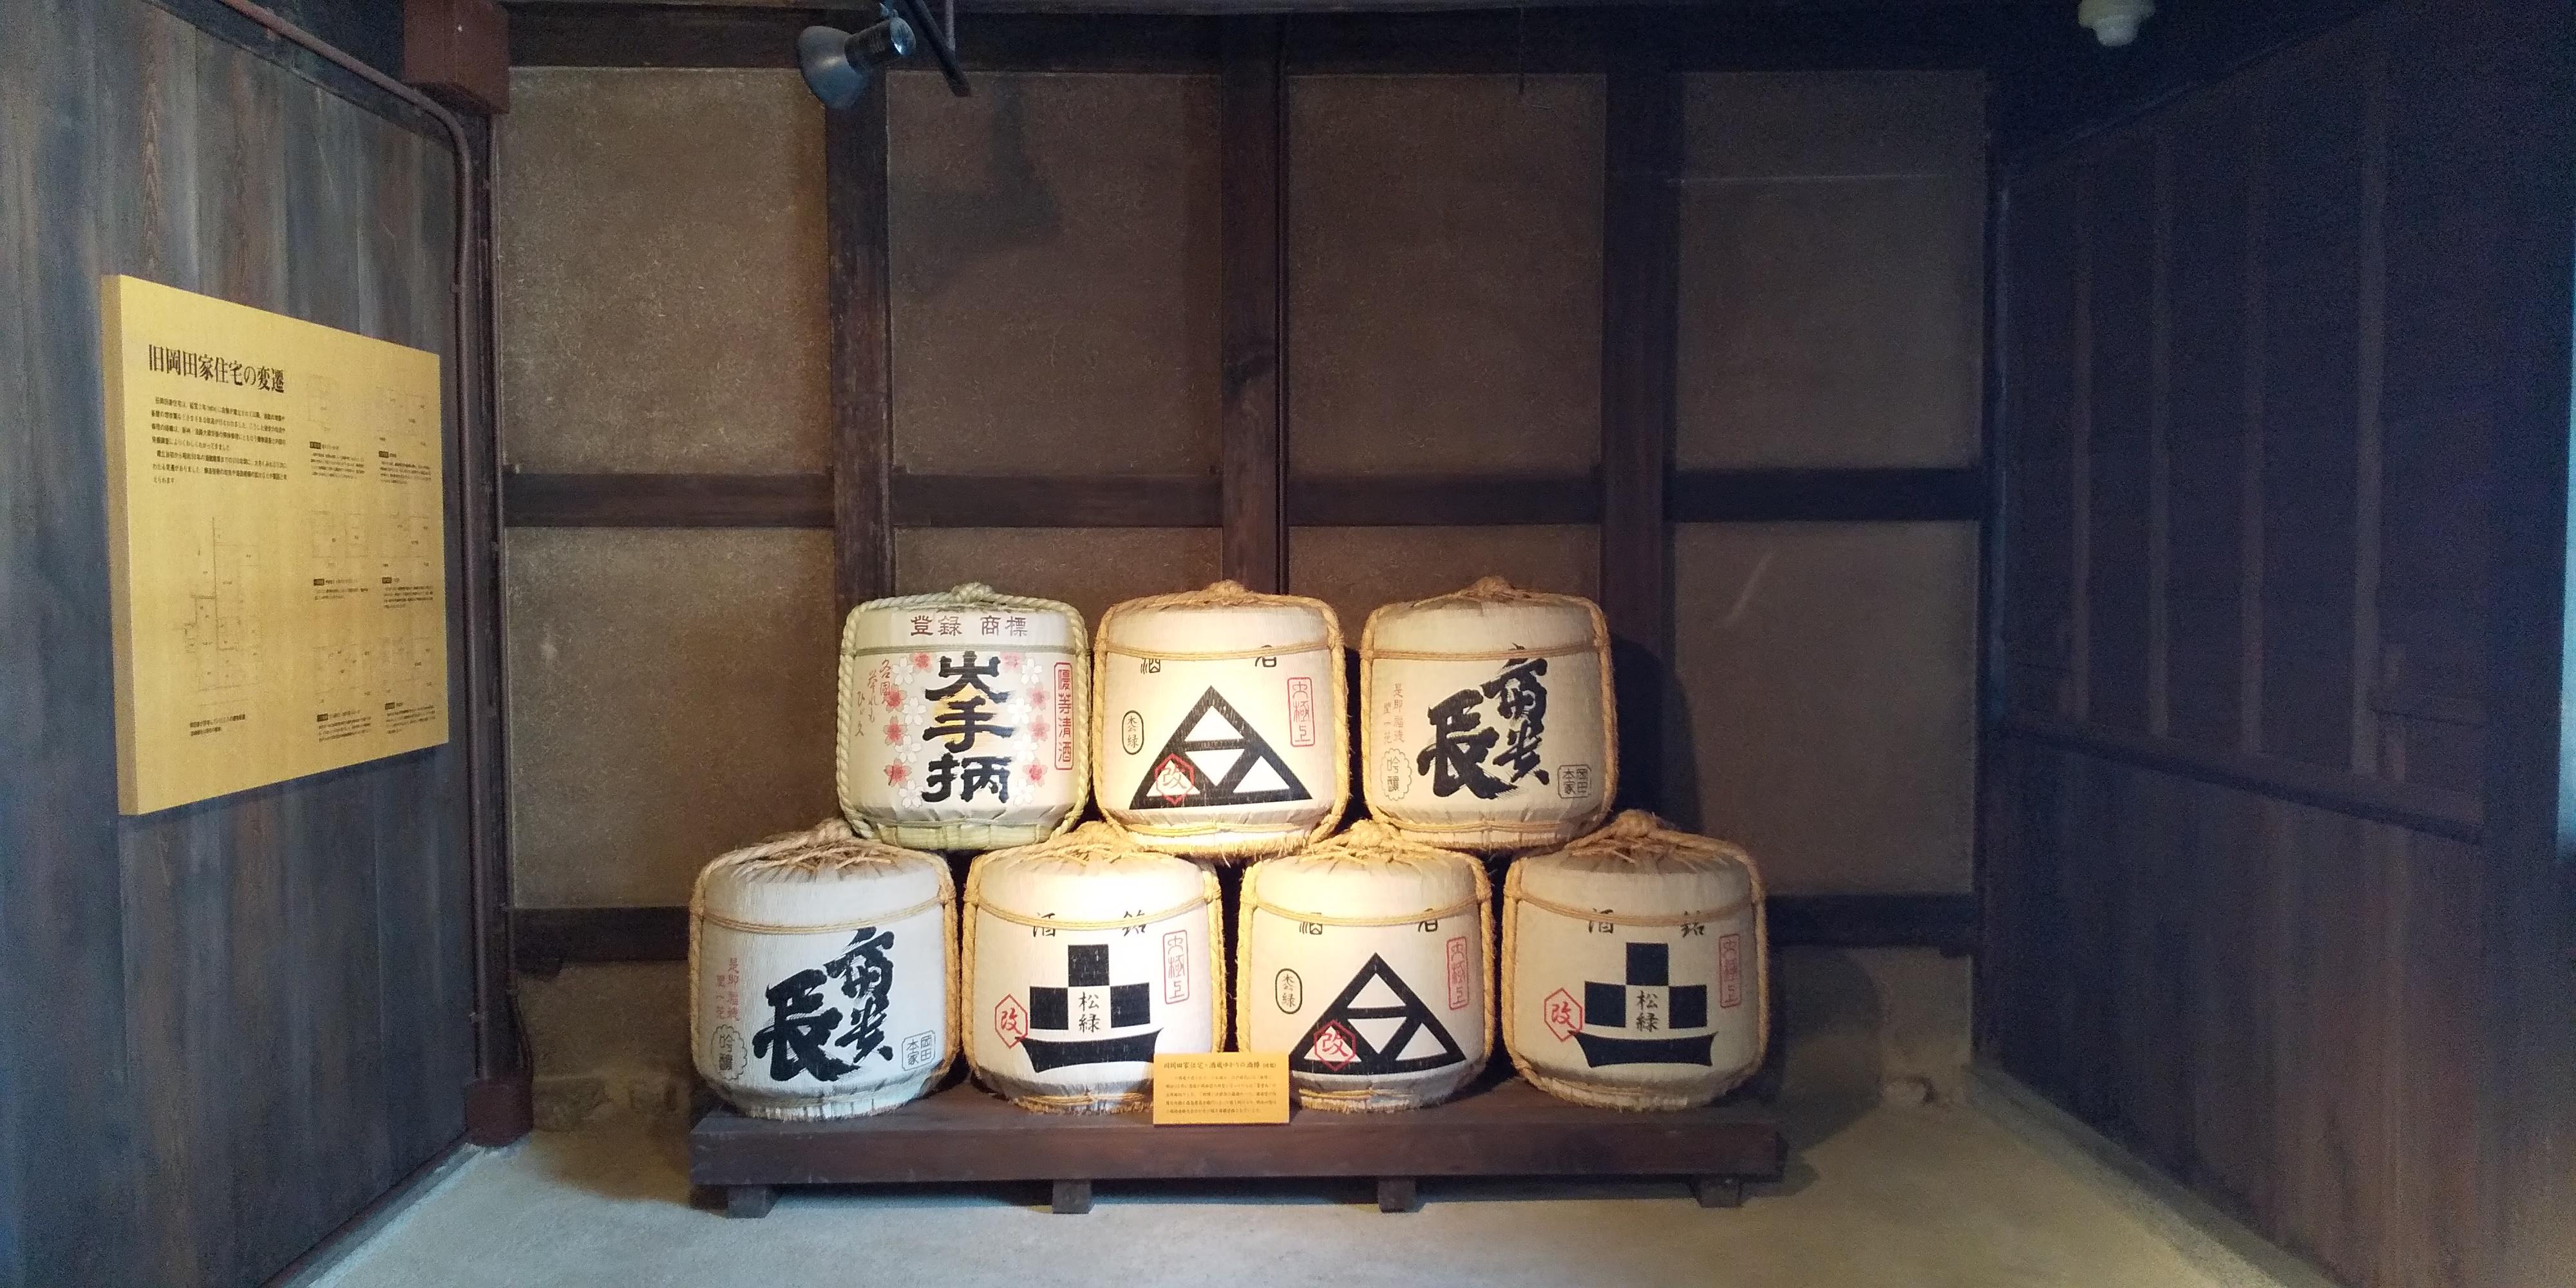 清酒発祥の地!伊丹の酒蔵通りを楽しむ♪ in 大阪